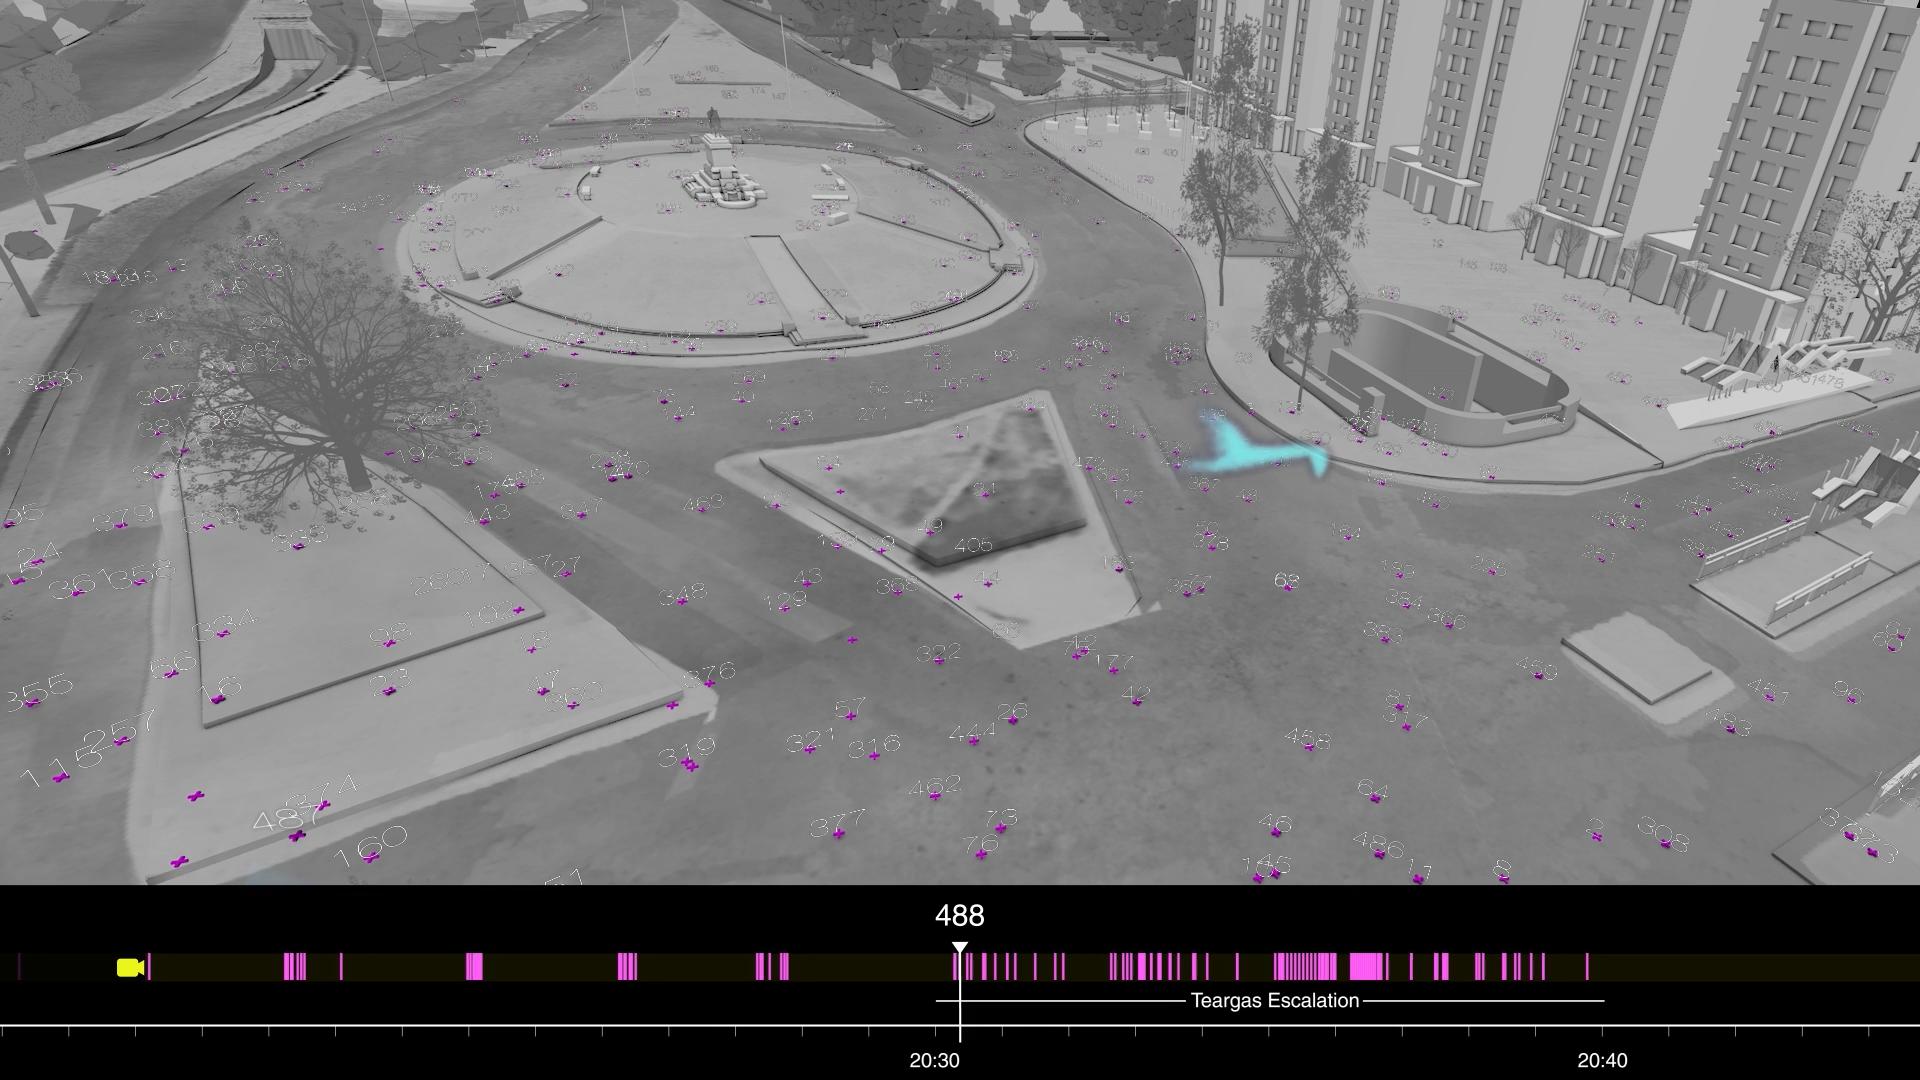 En cruces moradas, todas las lacrimógenas lanzadas en Plaza Dignidad el 20/12/2019. Fuente: Forensic Architecture